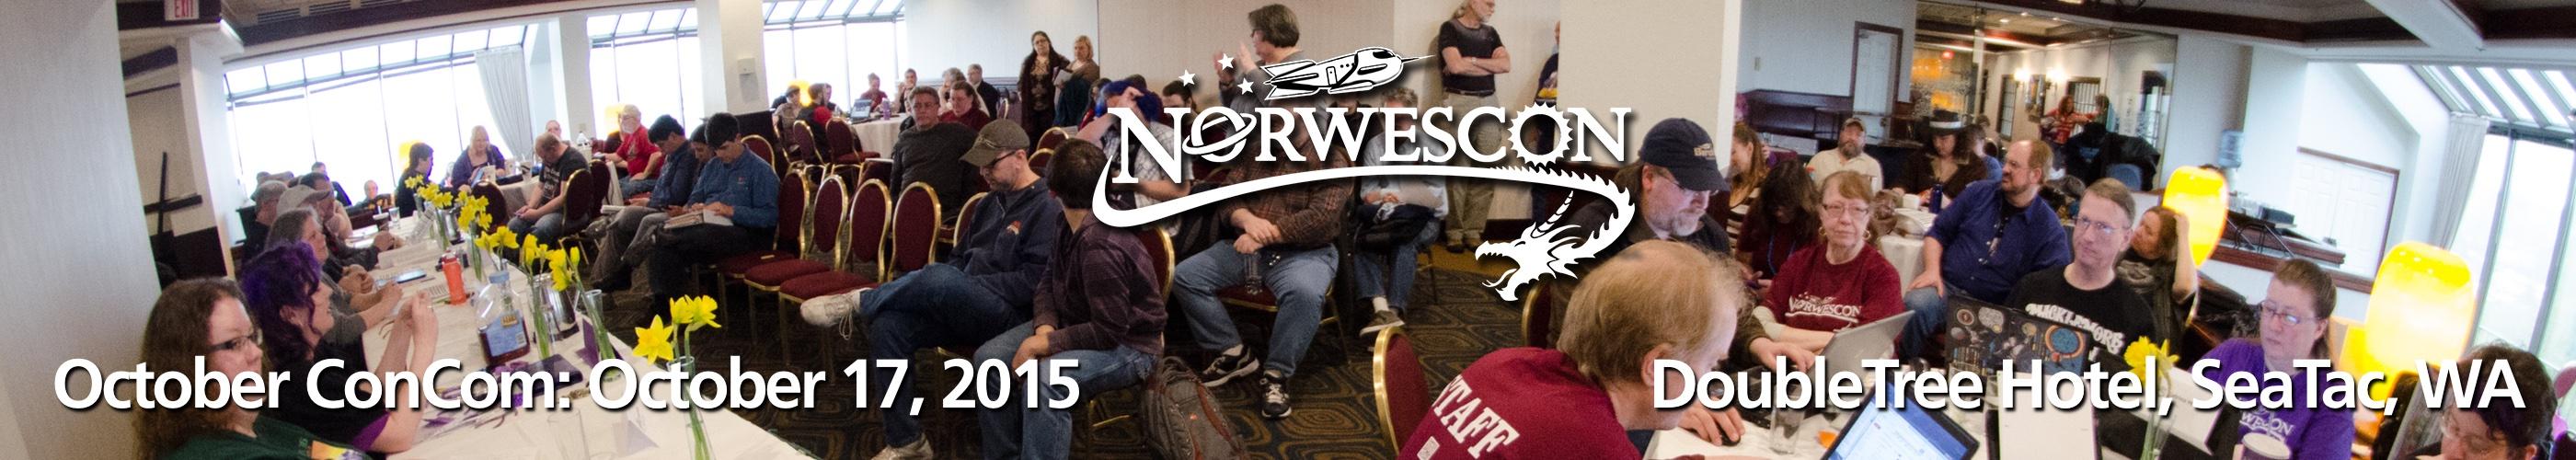 NWC39 October ConCom